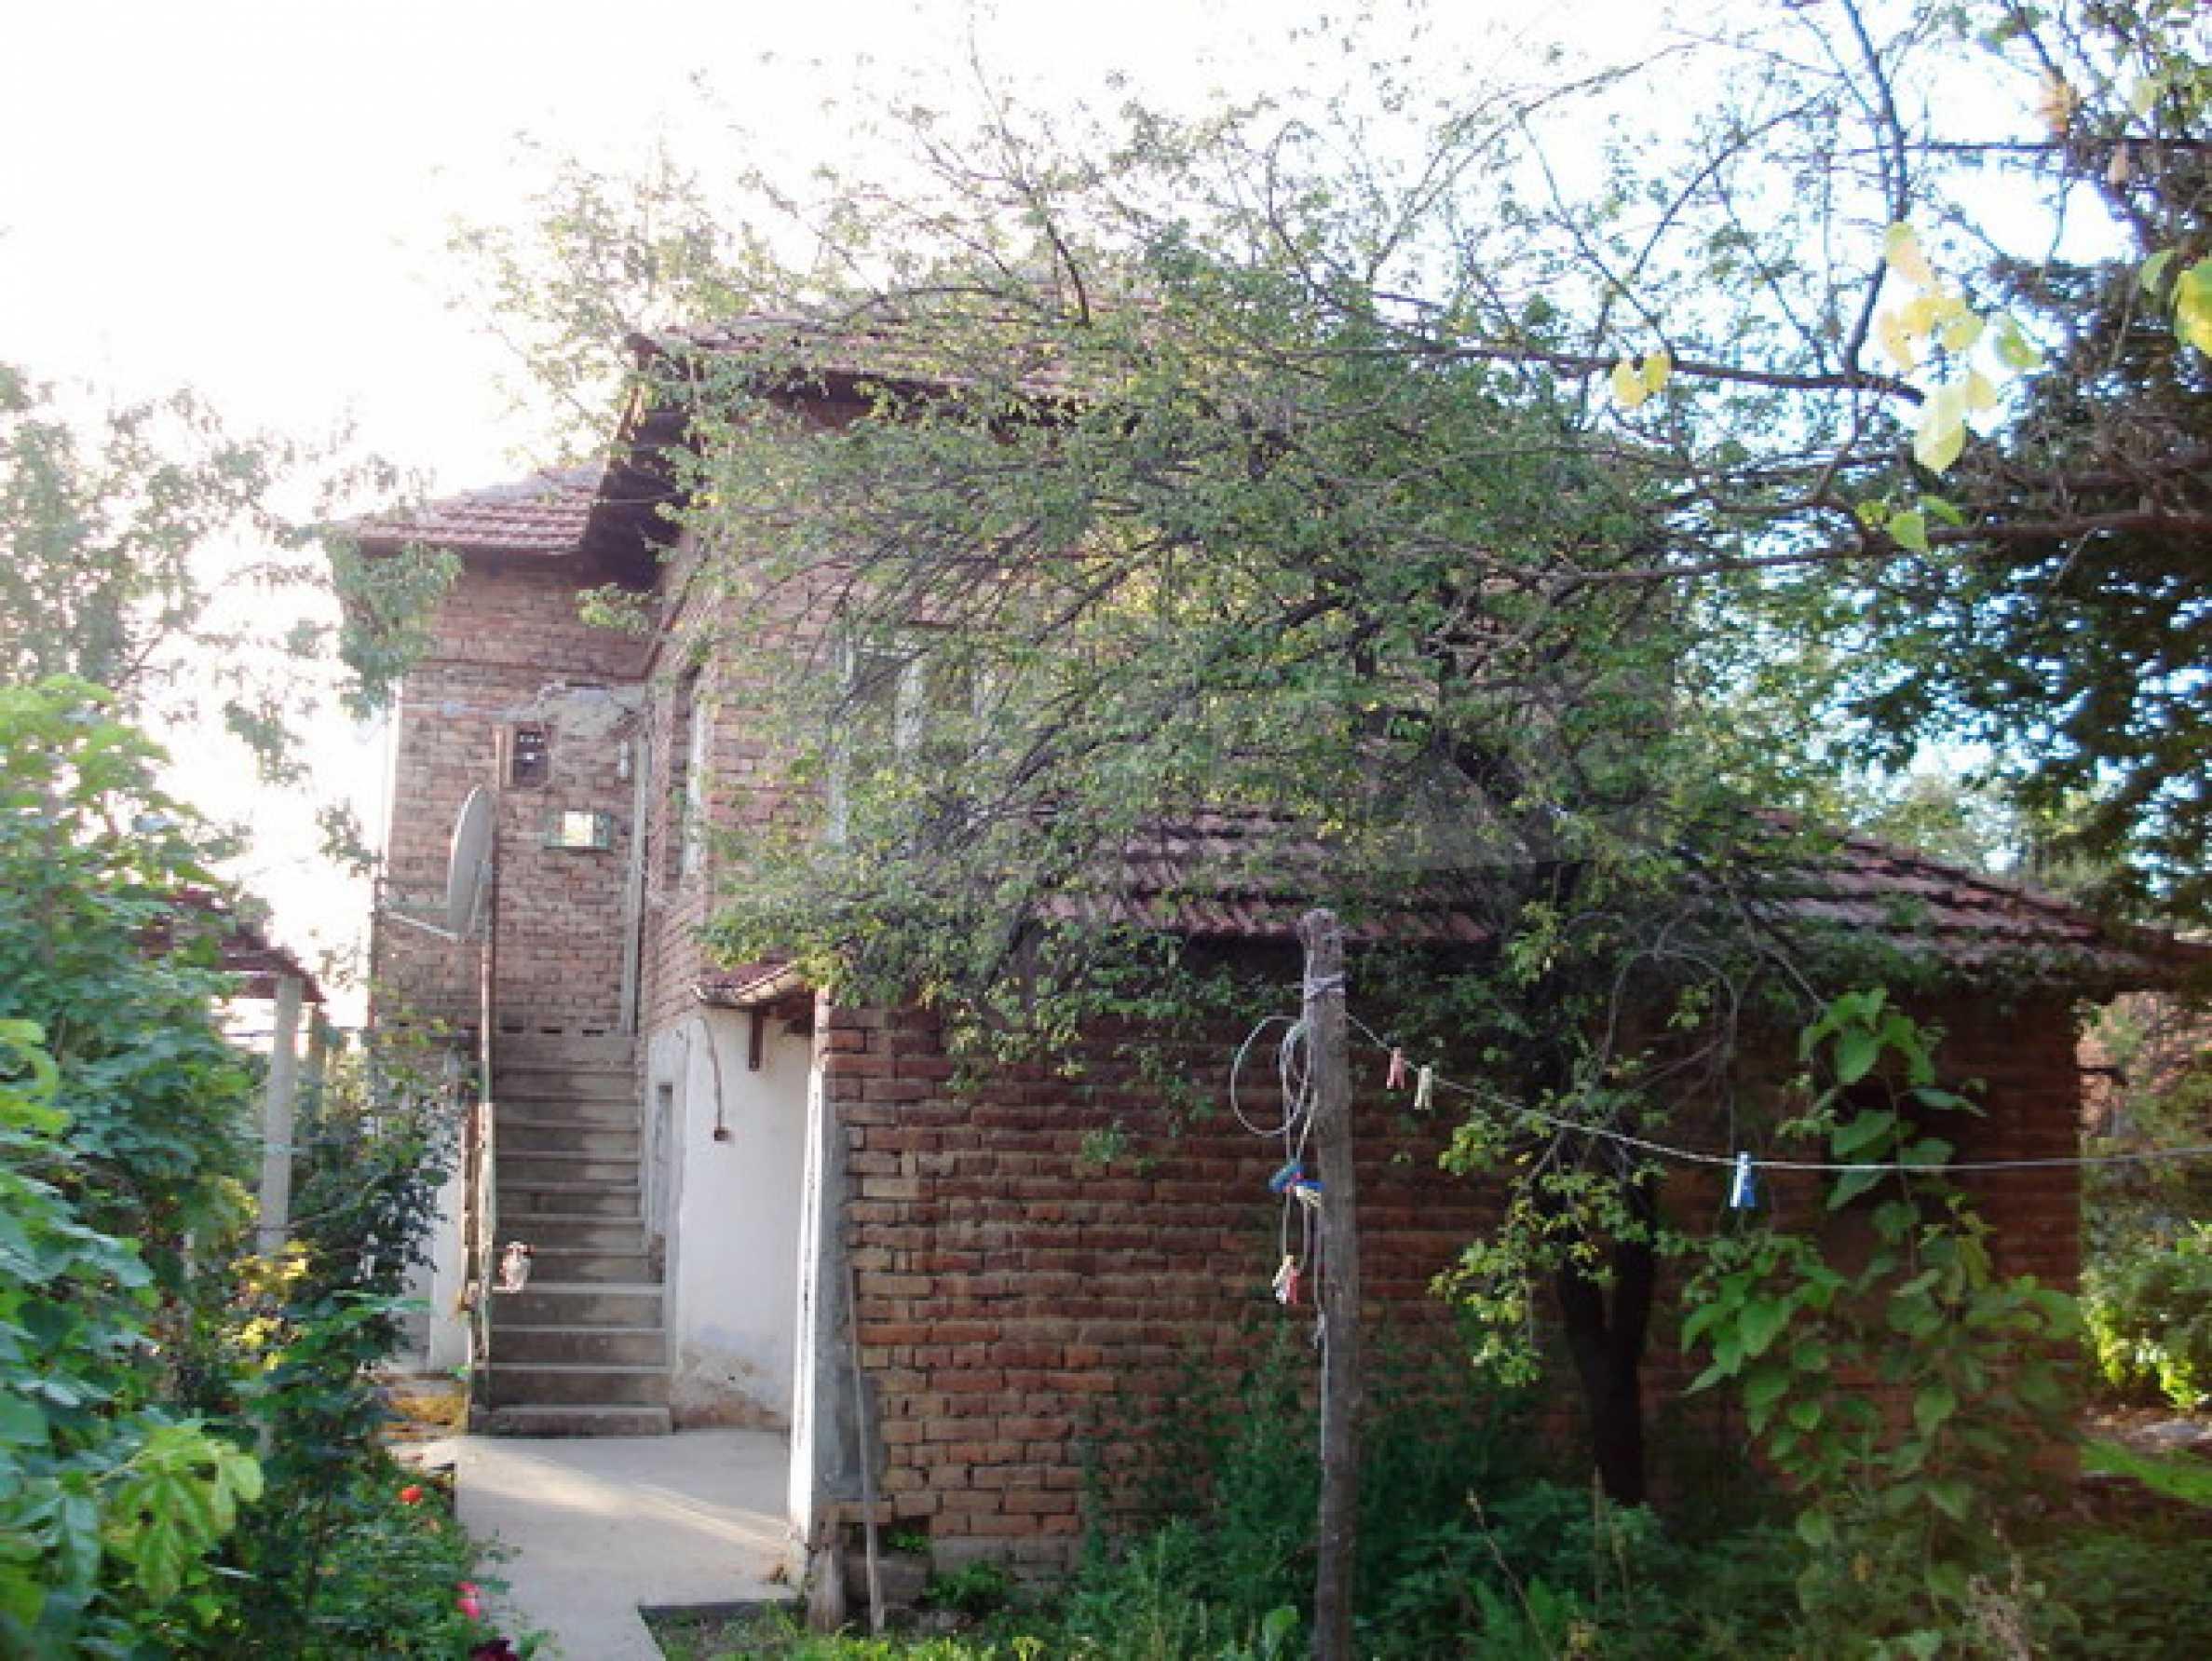 Brick-built village house 5